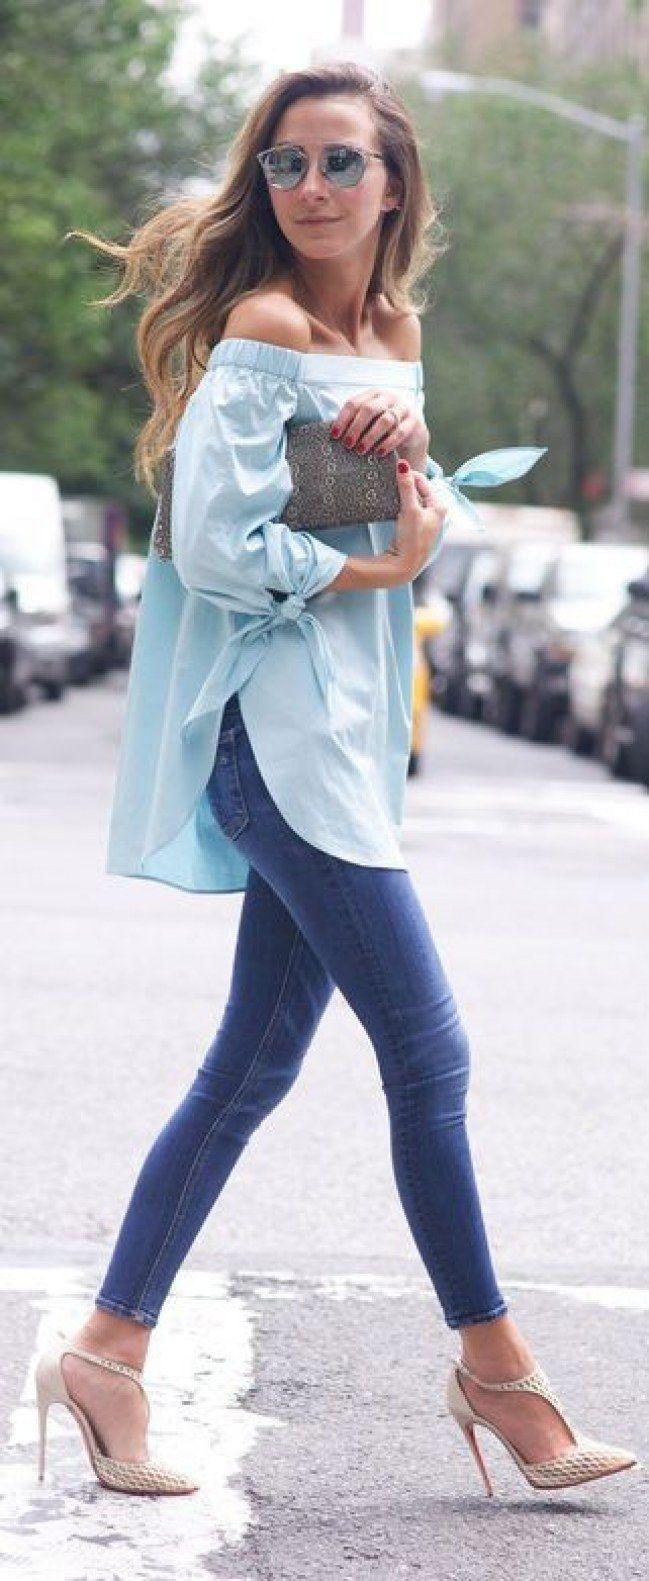 Carmenbluse kombinieren: So stylt ihr das Fashion Must-have der Saison richtig!